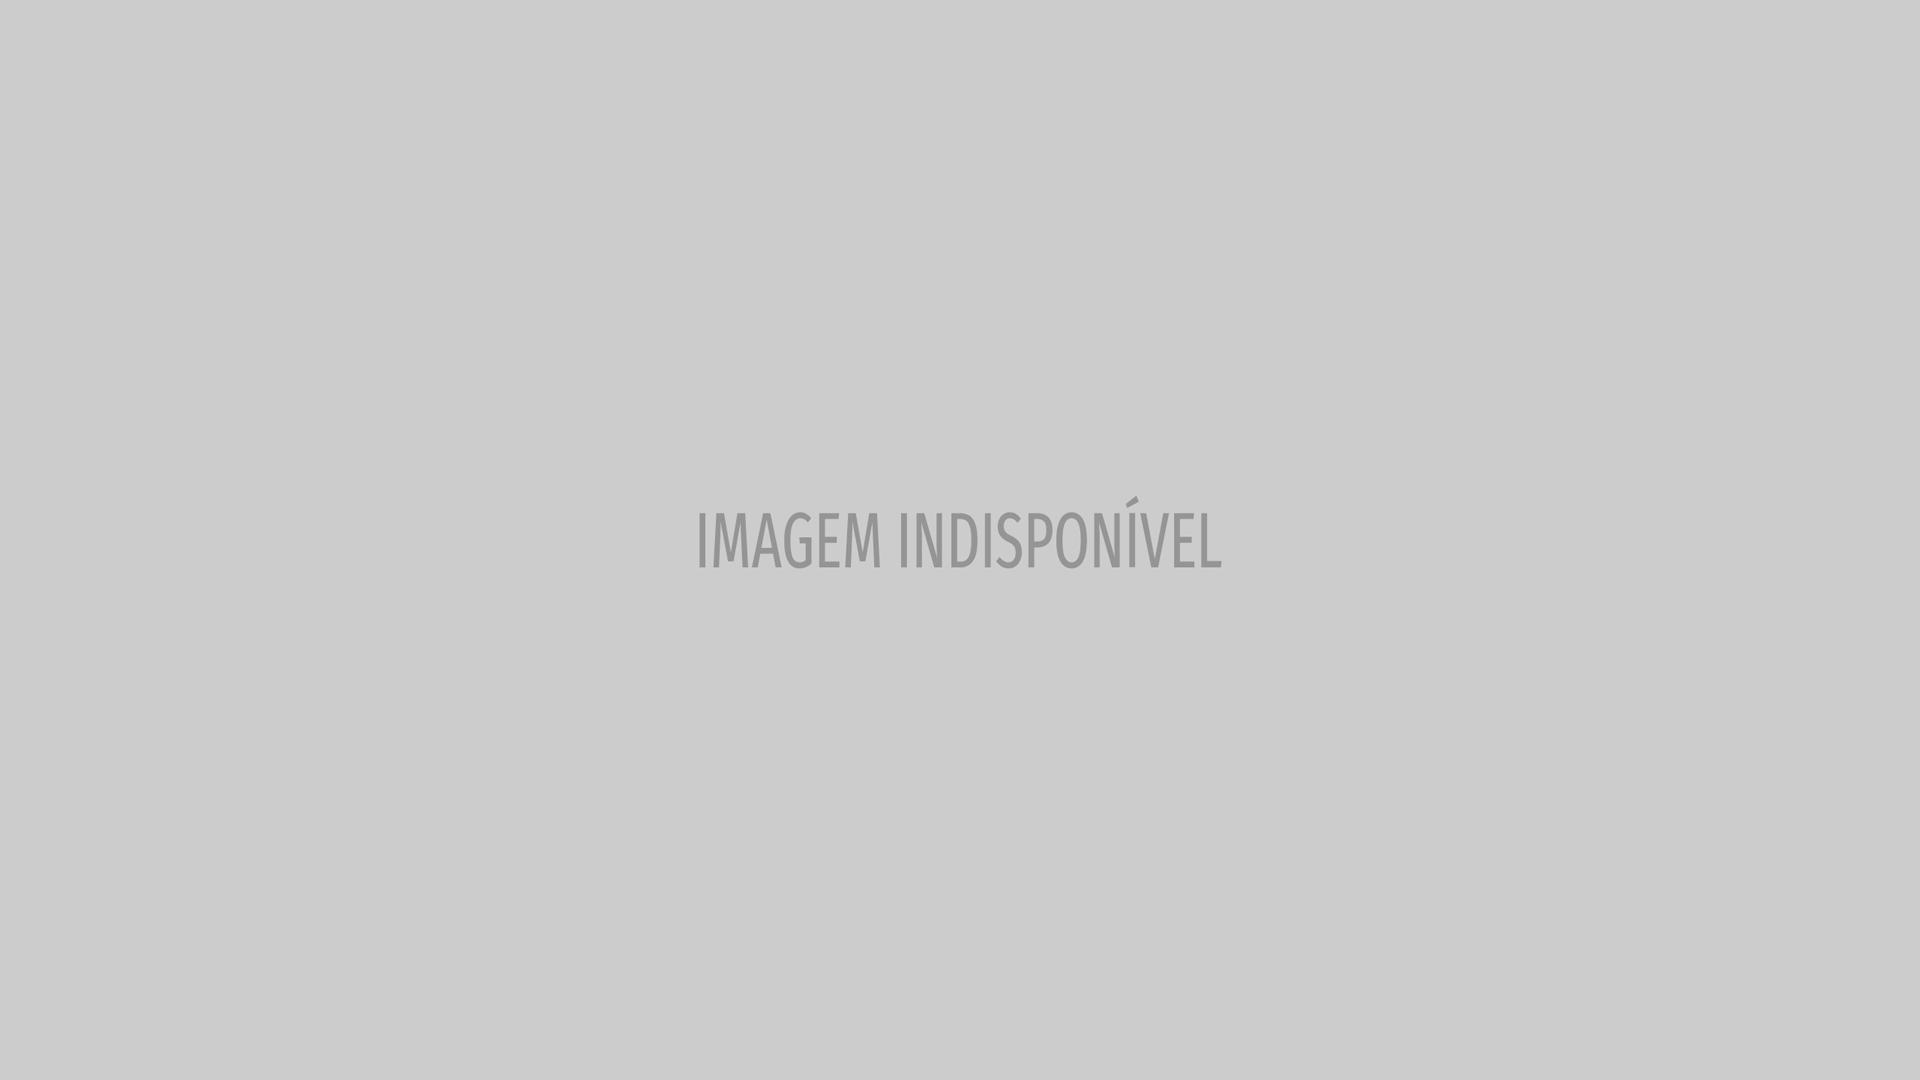 Tici Pinheiro dá presente erótico ao pai durante visita em hospital